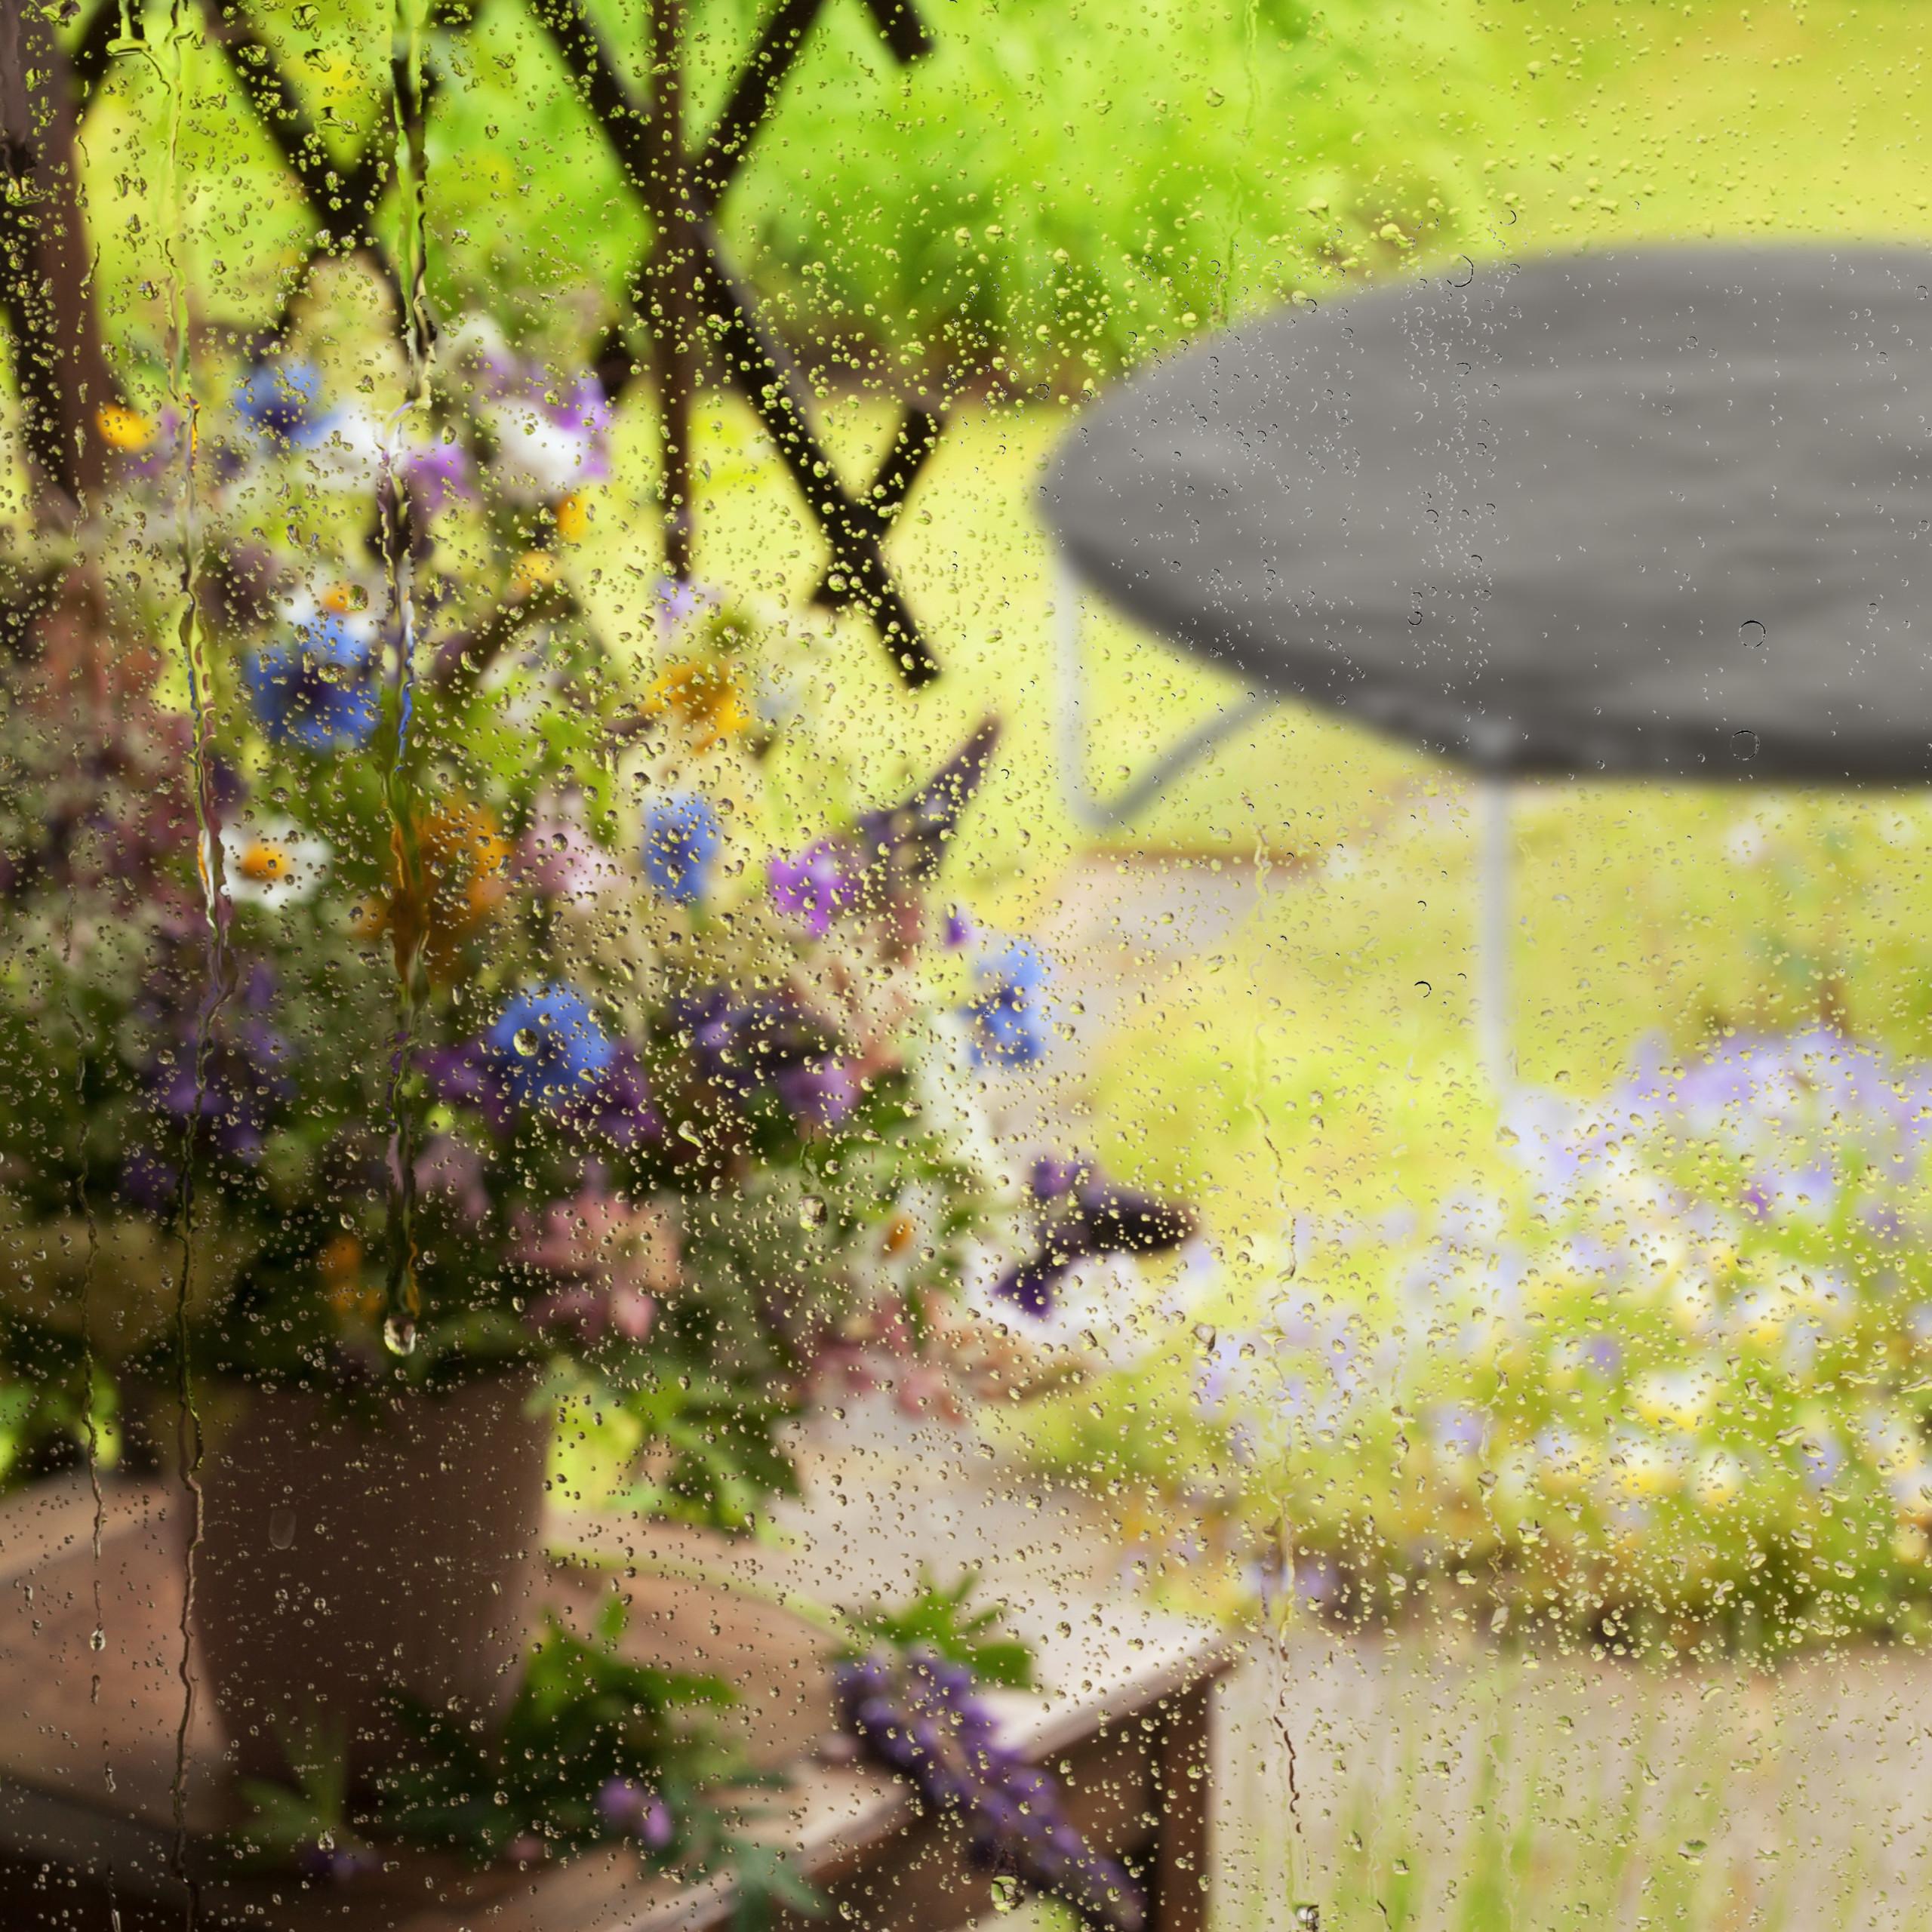 Housse-de-Protection-pour-Trampoline-Bache-pluie-vent-jardin-intemperies miniature 32